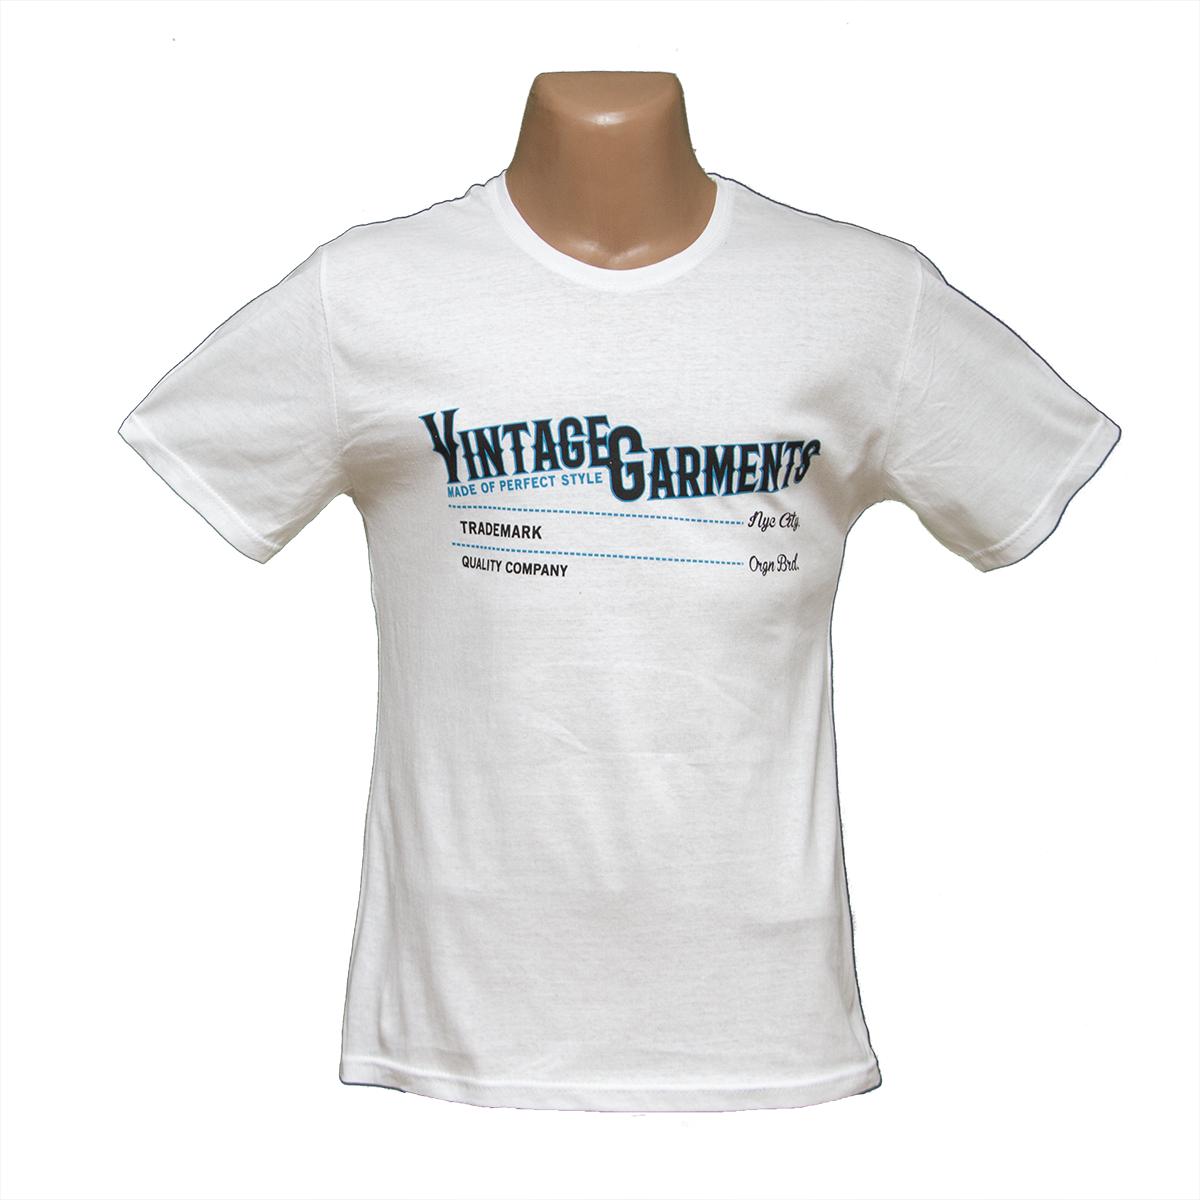 Мужские футболки недорого в интернет-магазине H4793-4 оптом и в ... 1ed4d426977c9